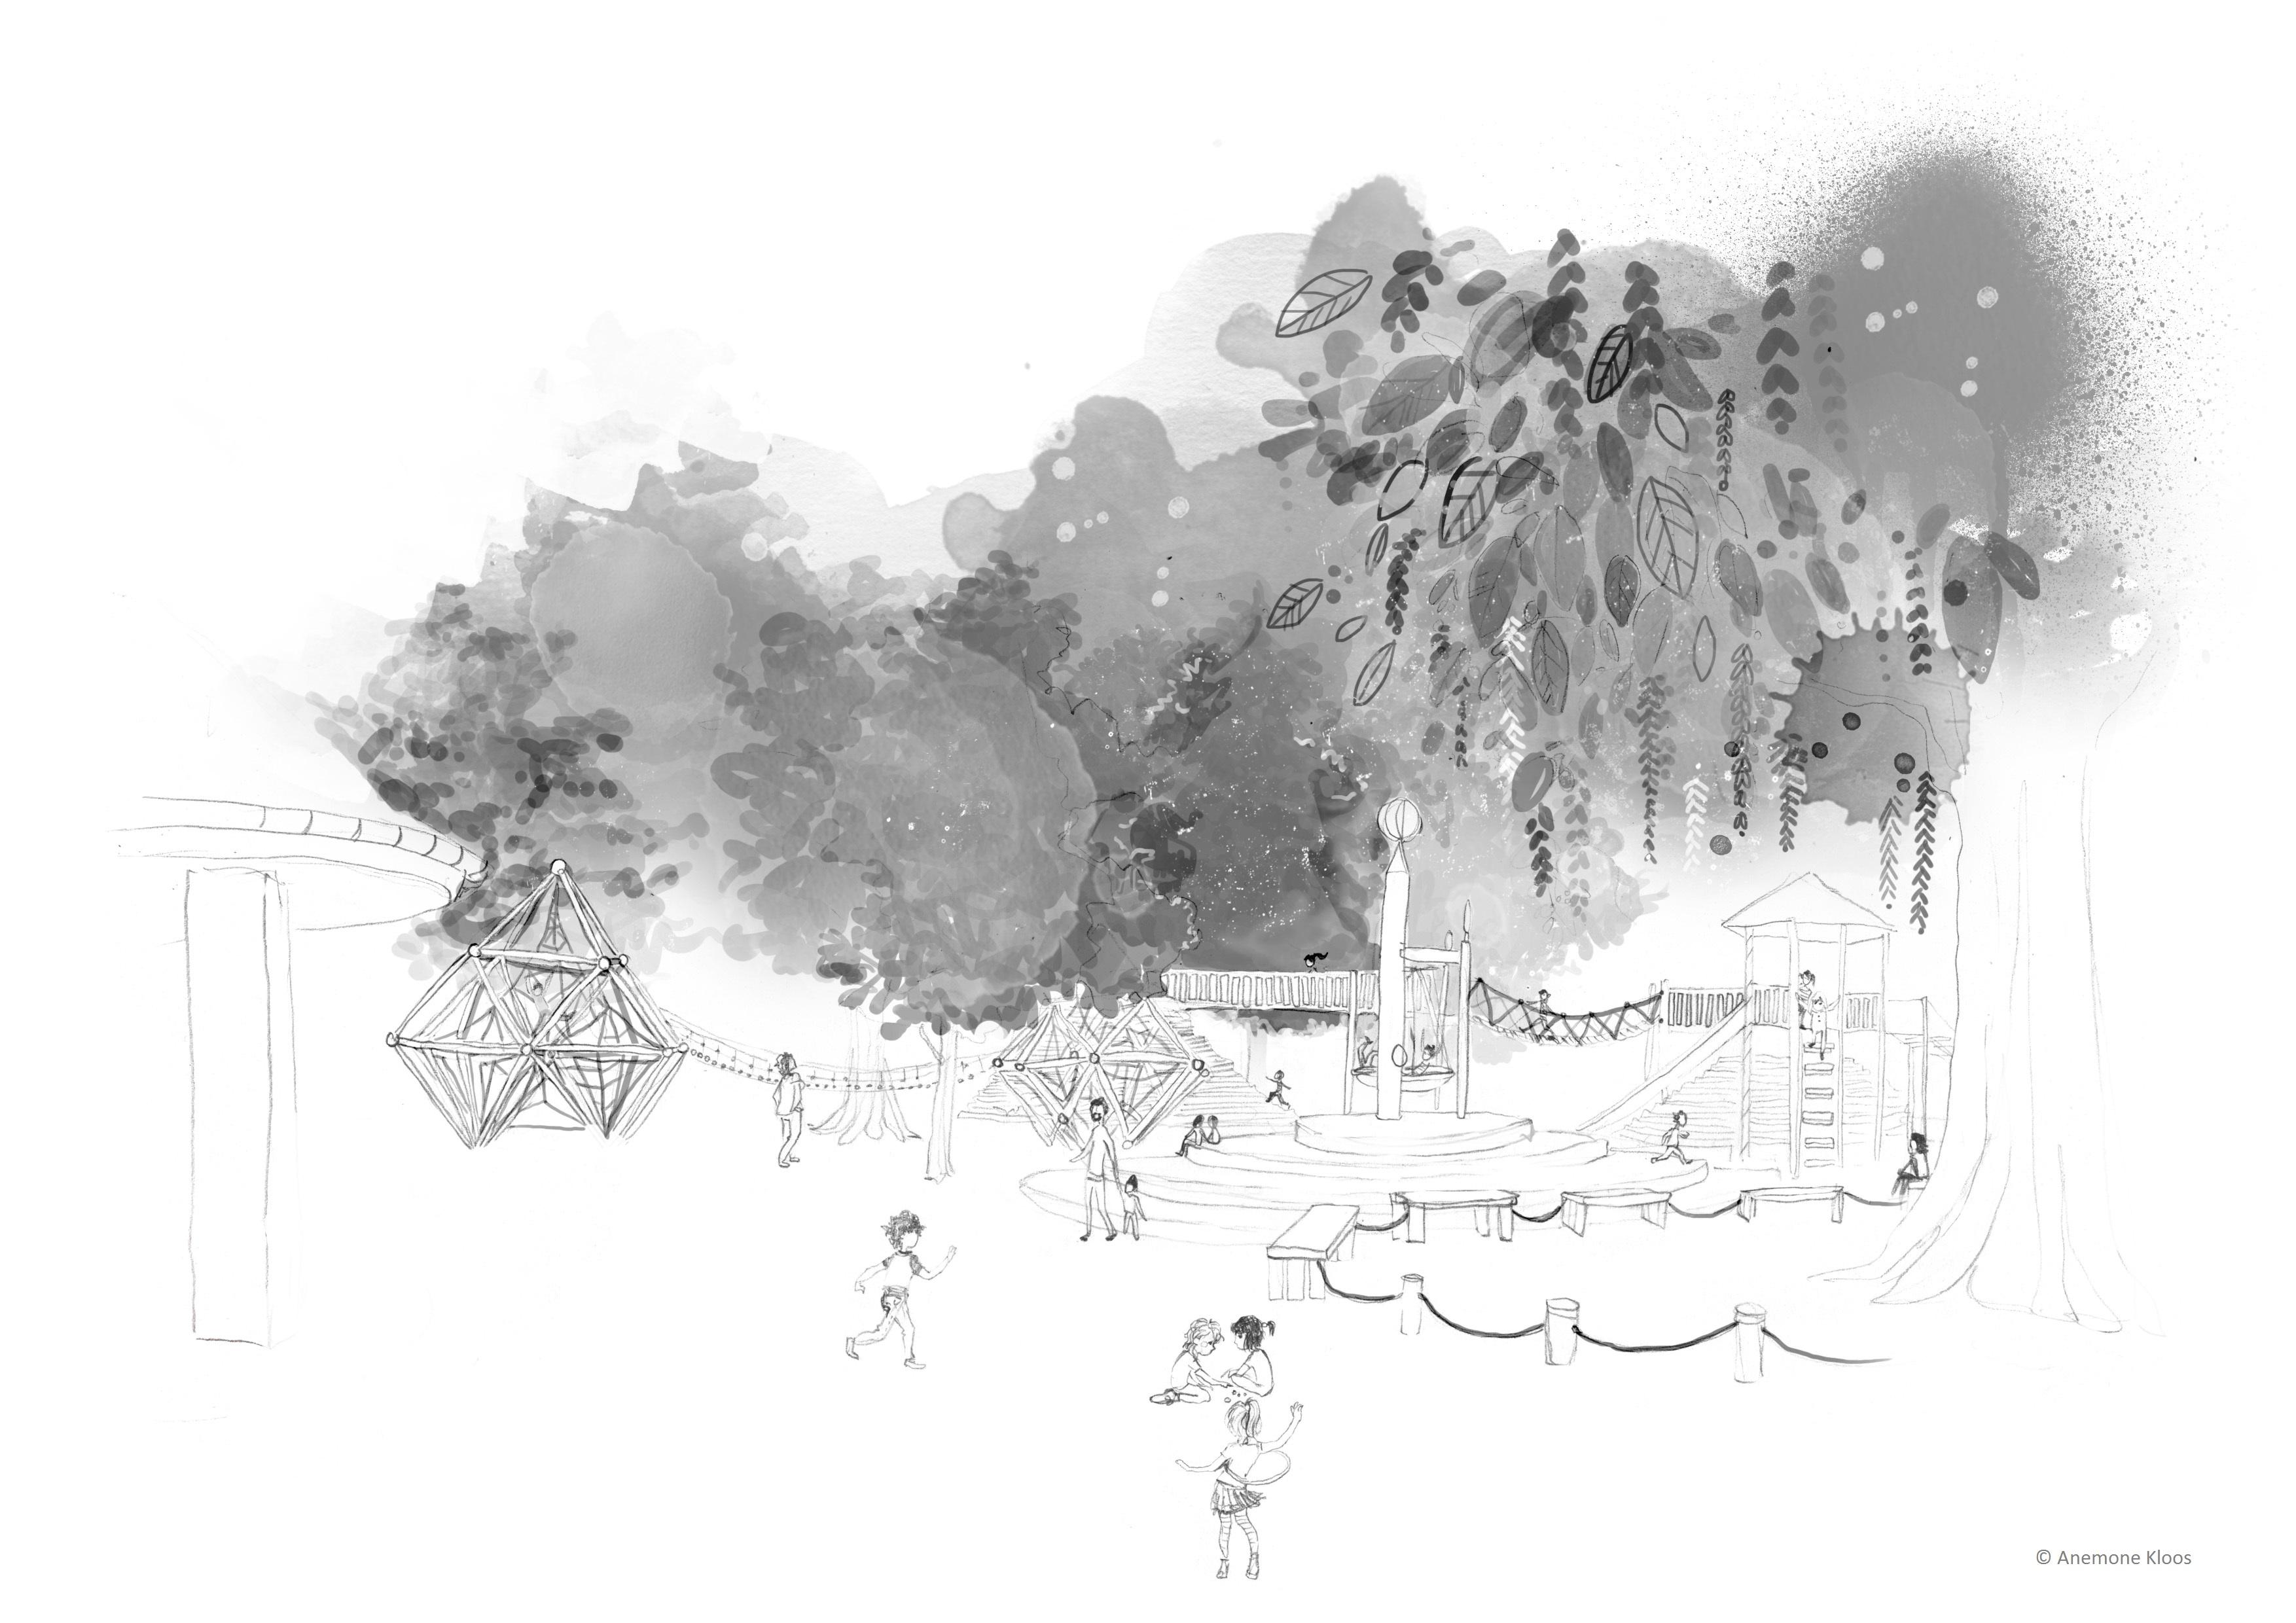 Klettergerüst Ausmalbild : Ausmalbilder spielplatz tollebild